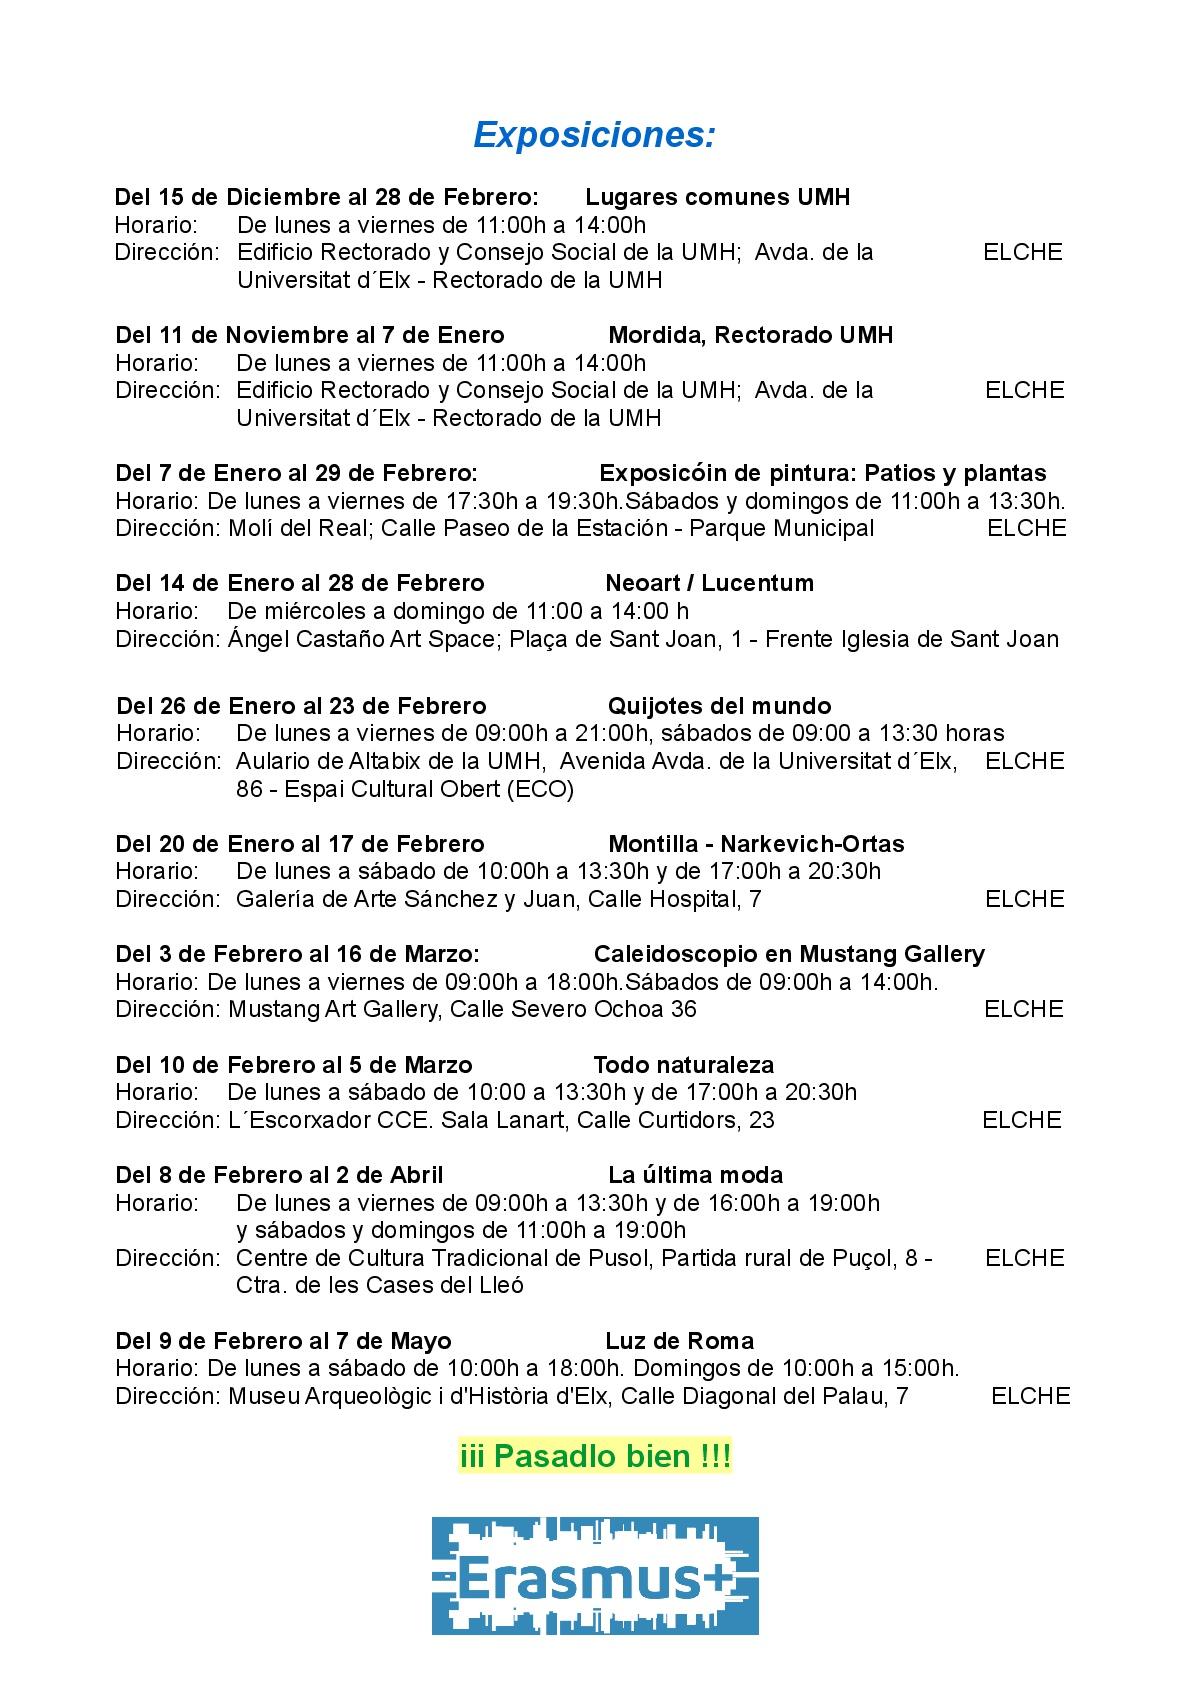 Eventos-13.-19.02.17-003